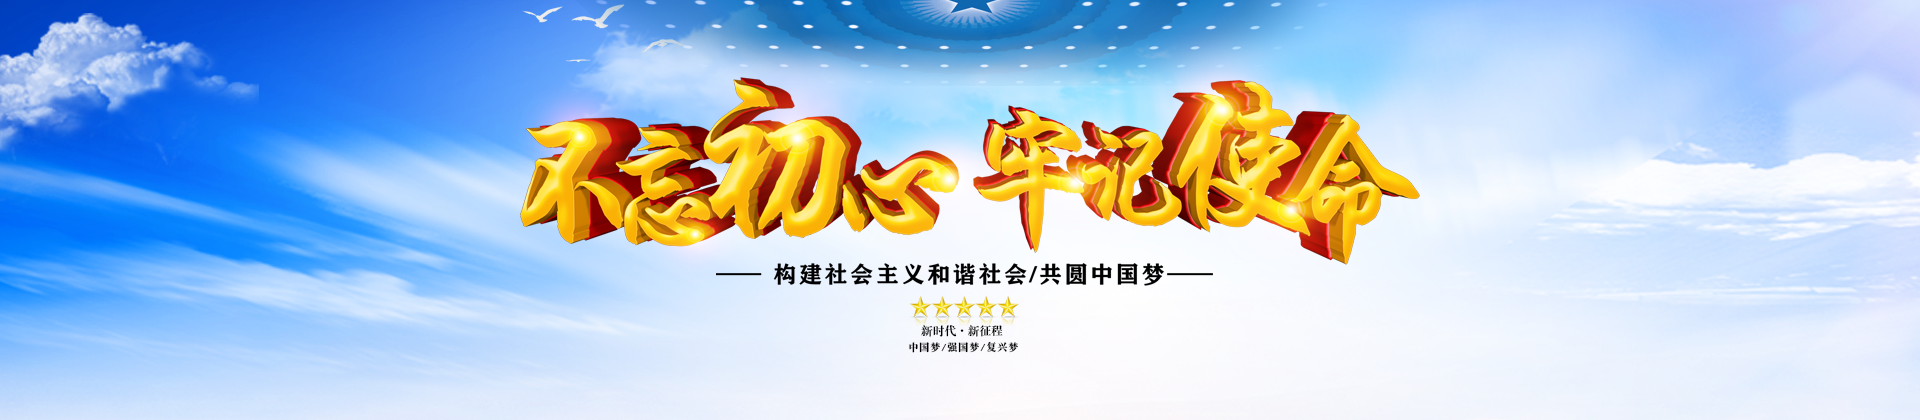 临江市红色文化教育培训中心